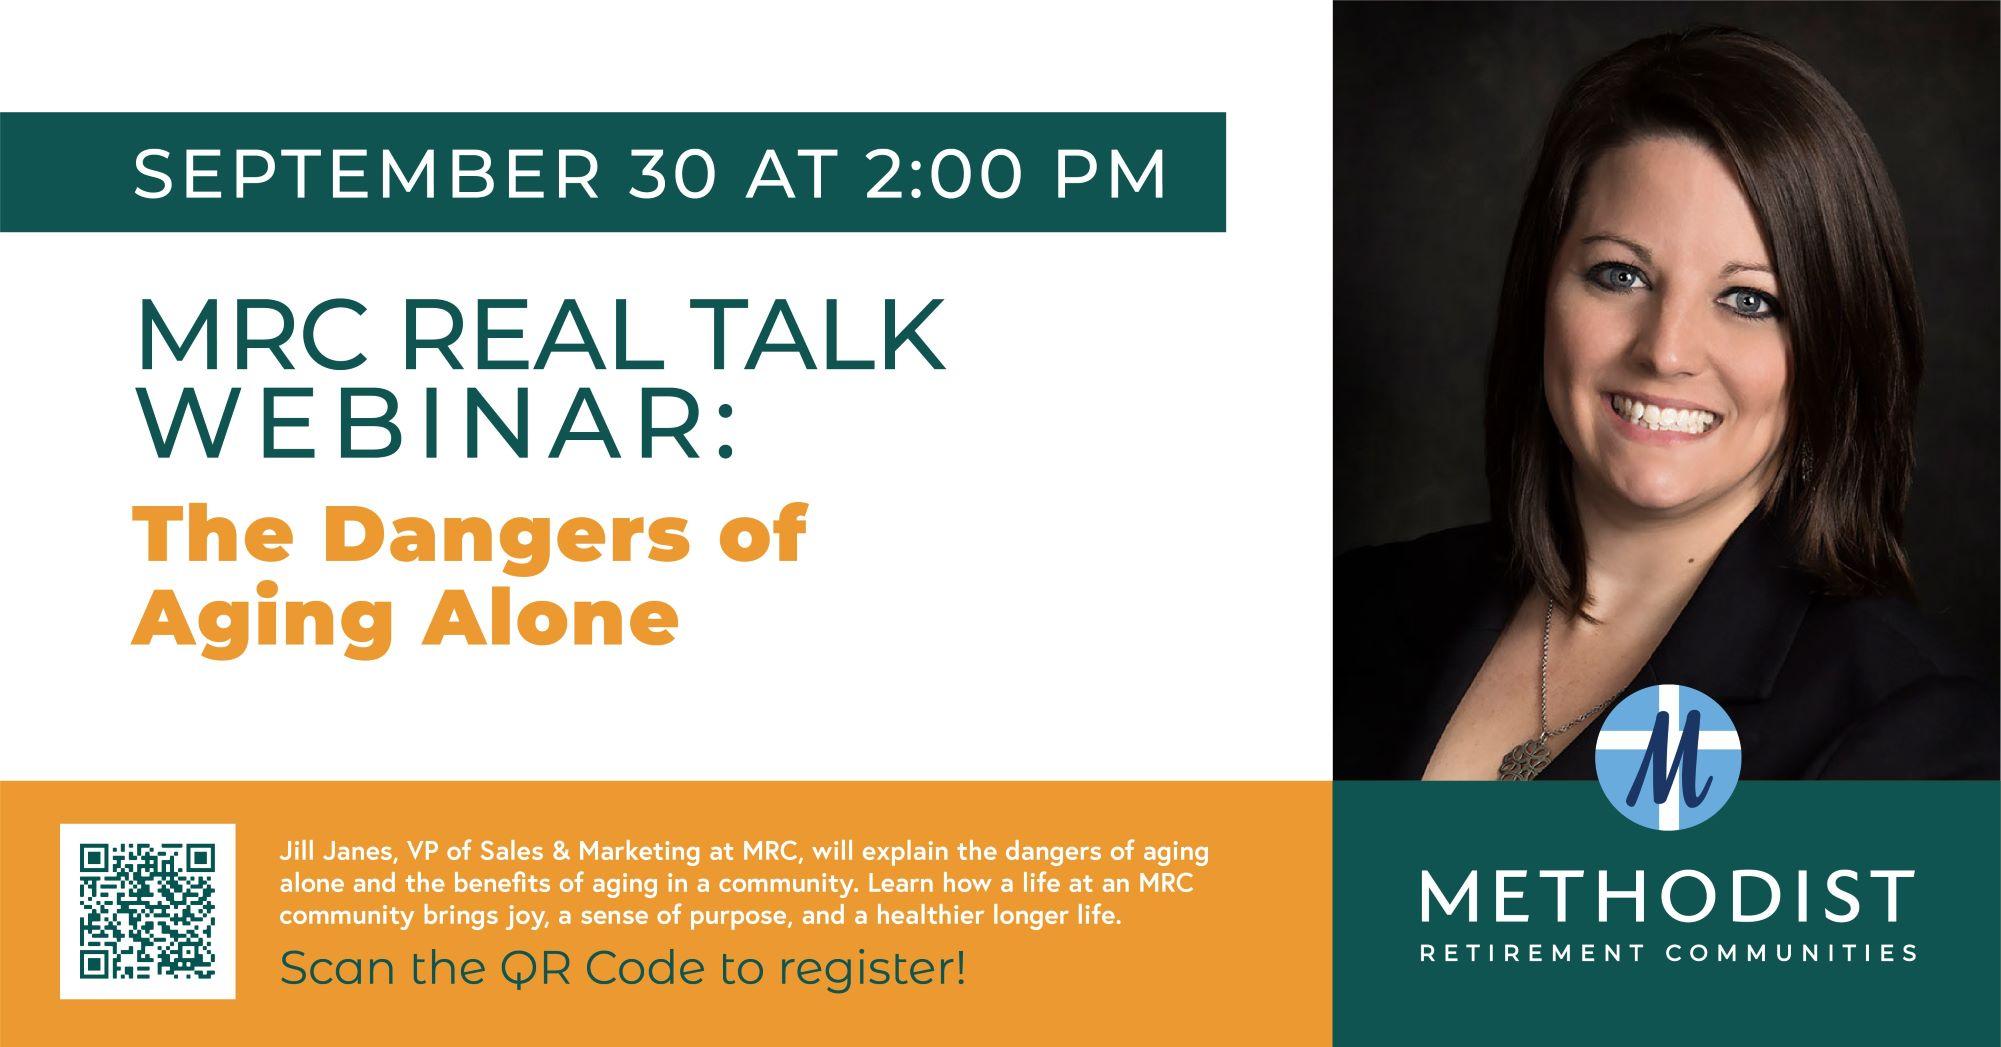 MRC REAL TALK WEBINAR: The Dangers of Aging Alone!